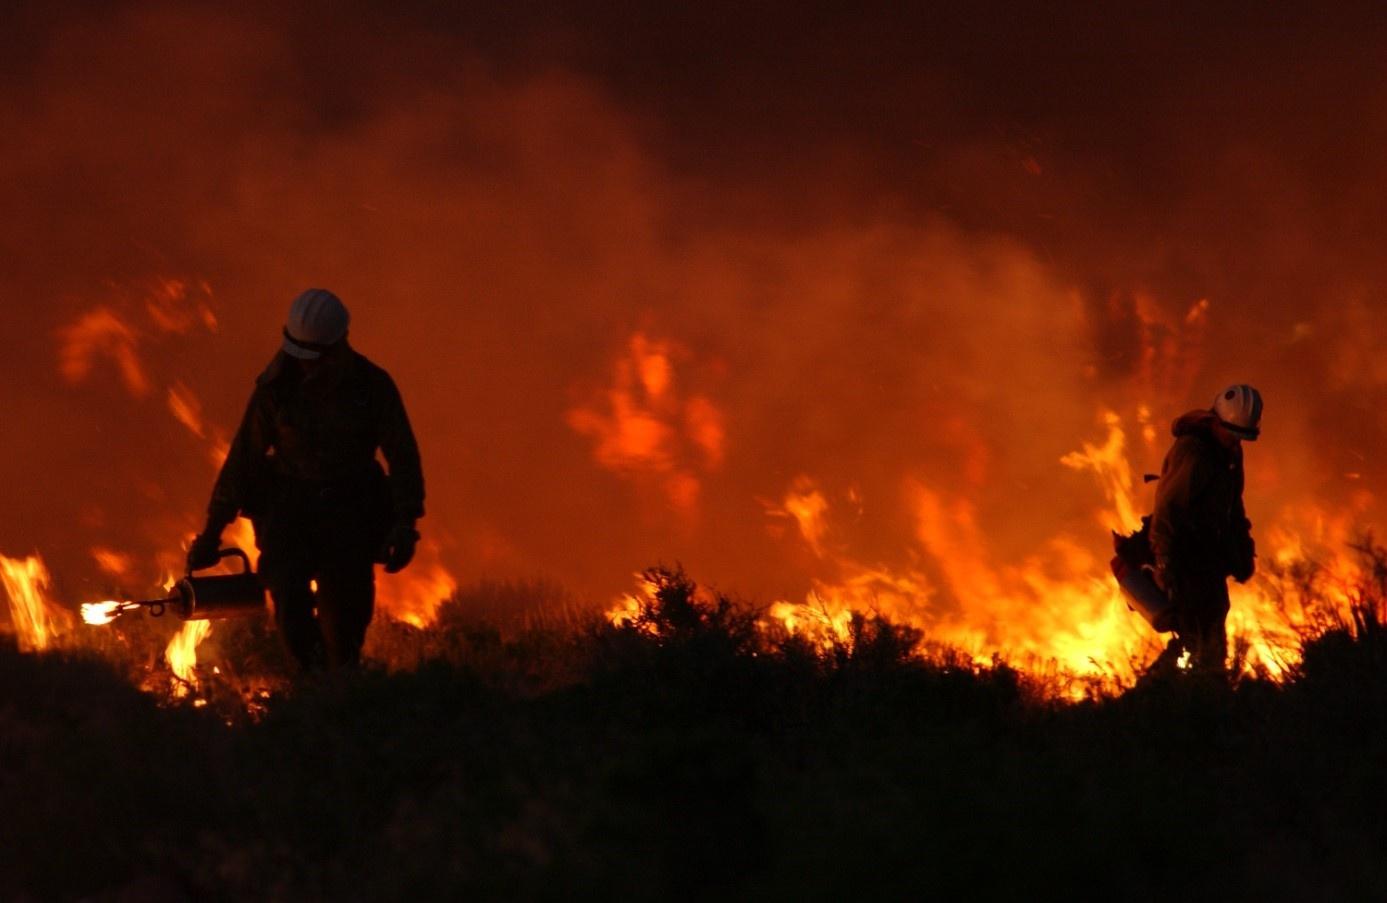 «Пятничный формат»: Как погасить пламя или 8 верных способов загубить разработку - 1